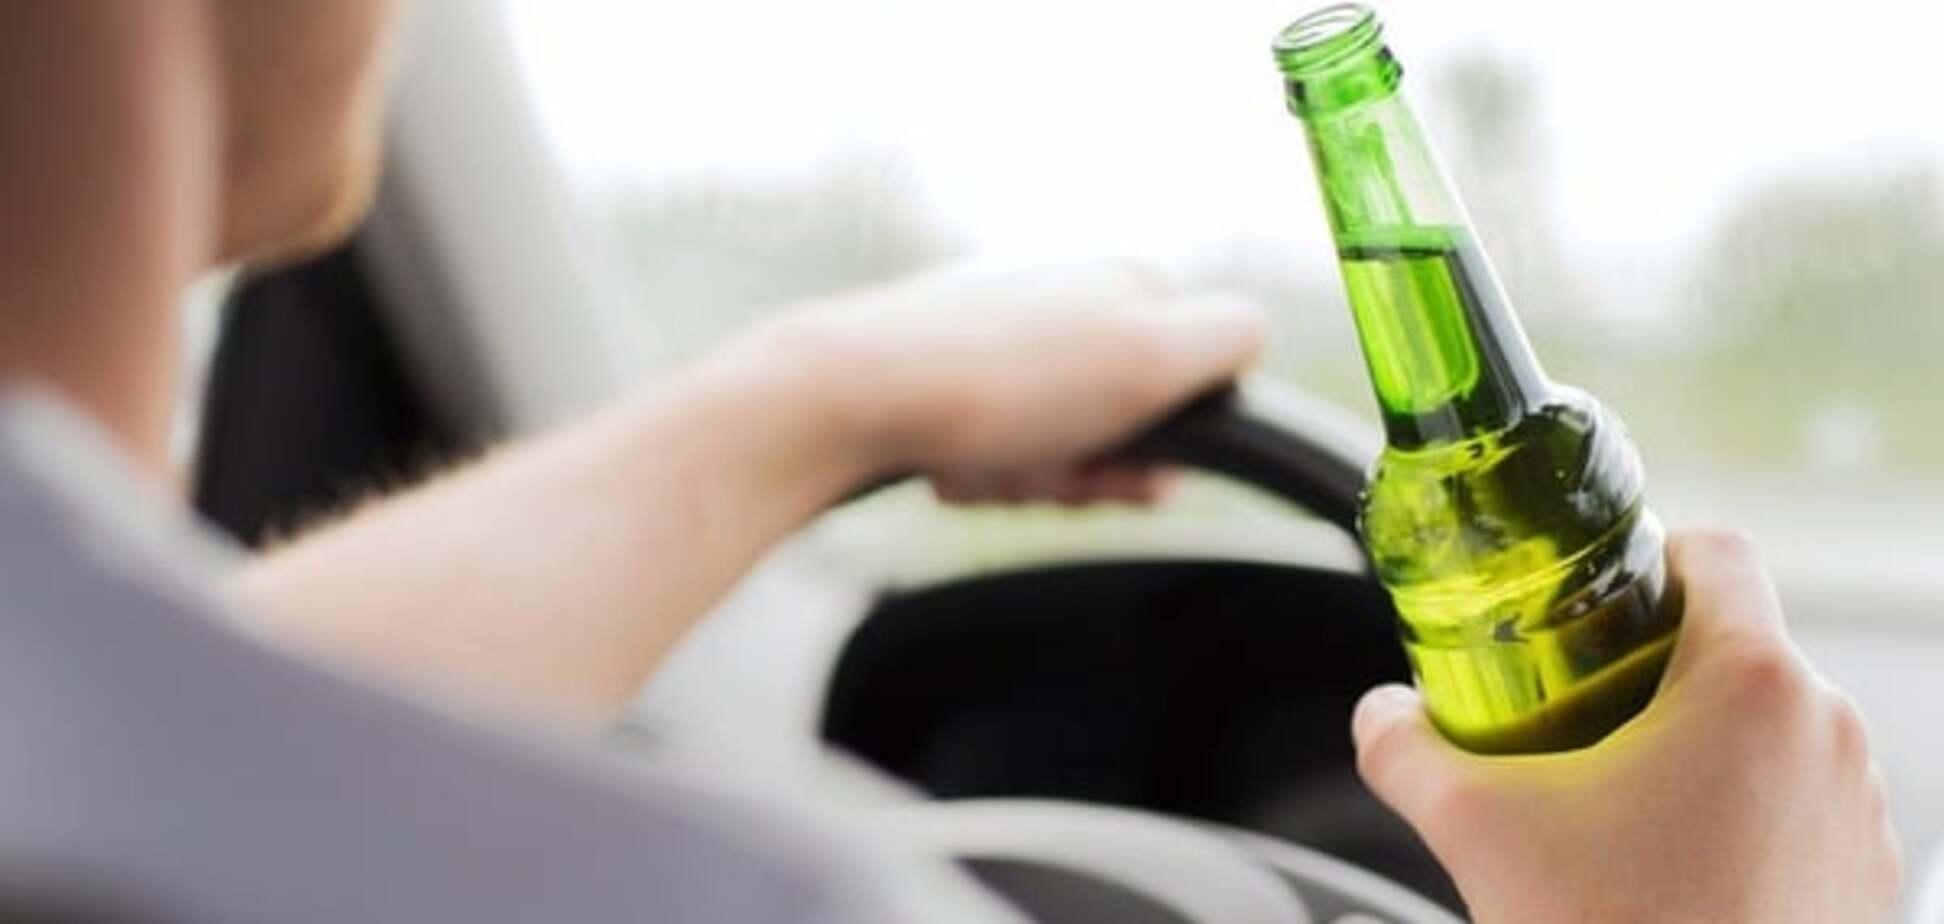 'Нужен комплекс': эксперт рассказал, как искоренить пьянство за рулем